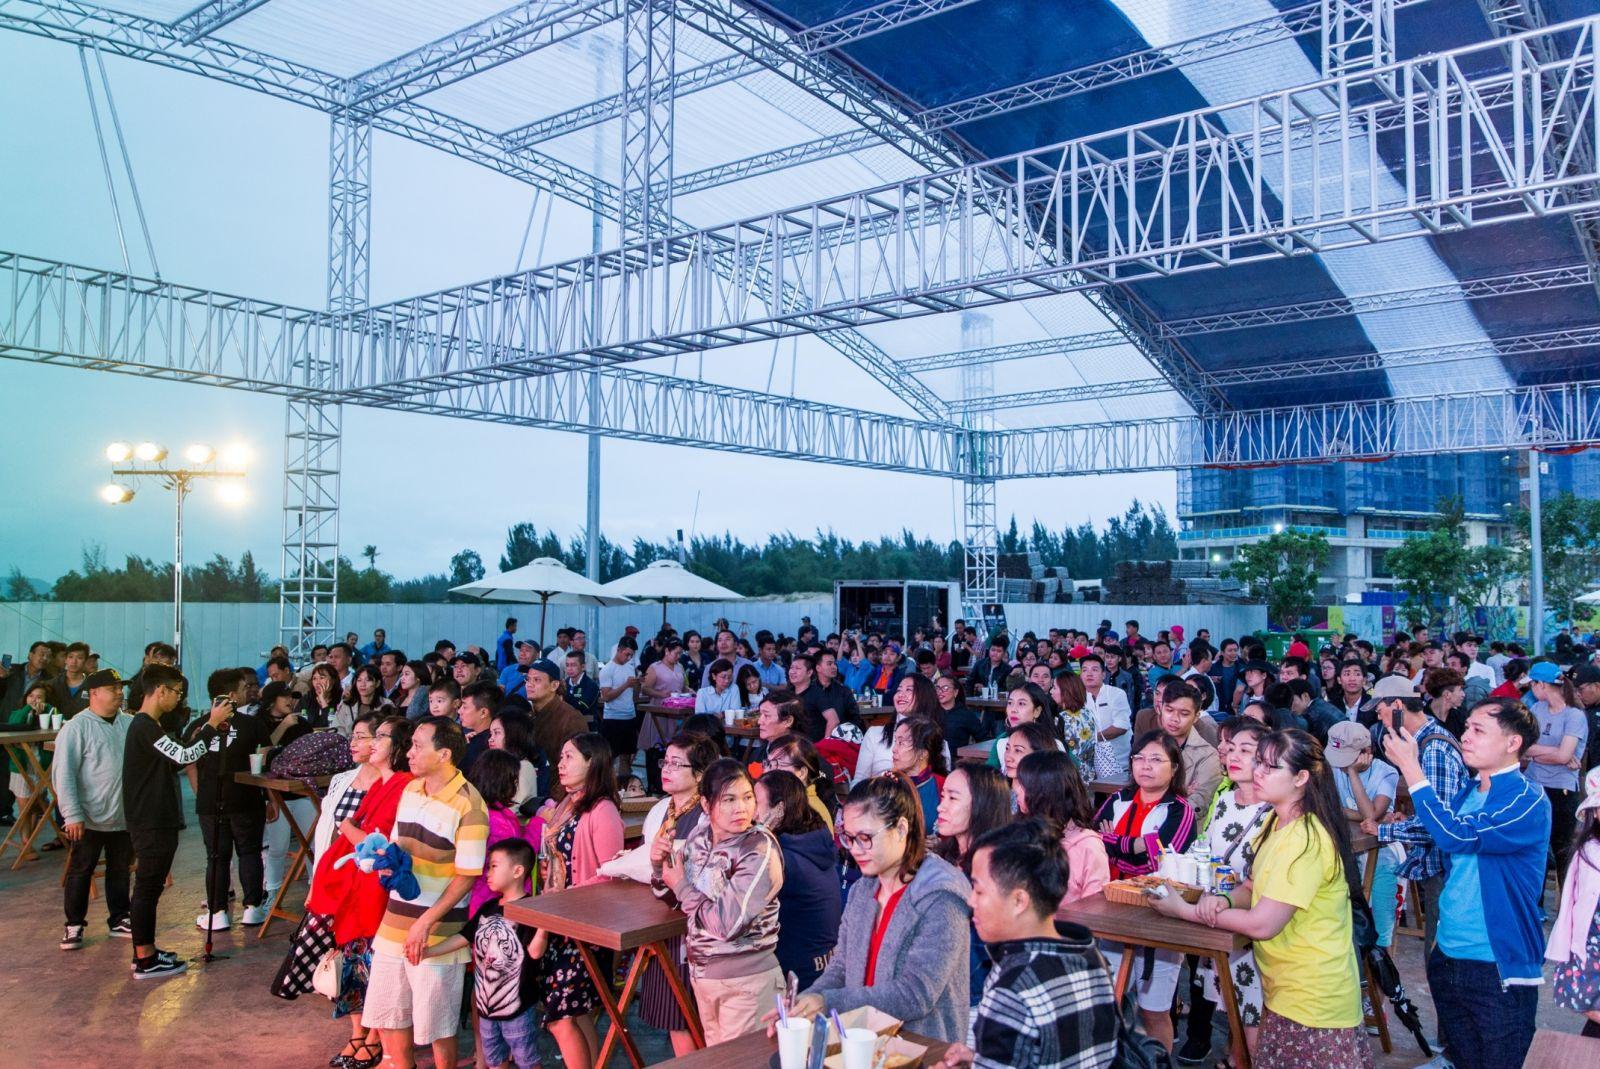 Chương trình thu hút sự quan tâm của nhiều khán giả.